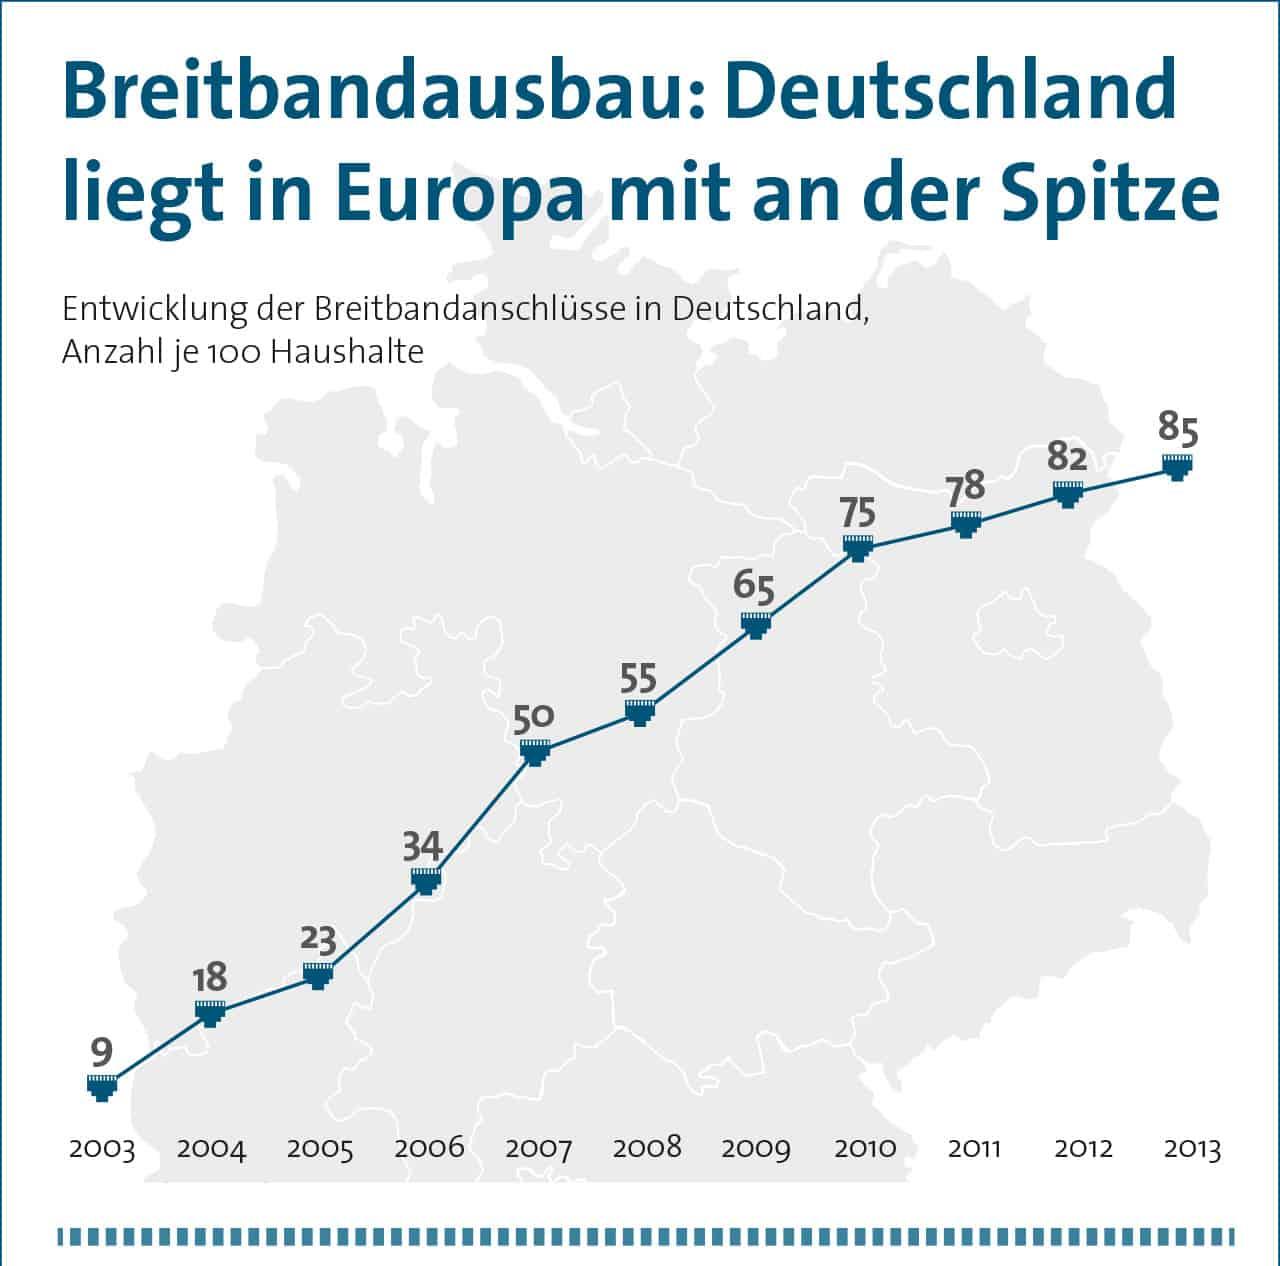 Breitbandausbau Deutschland